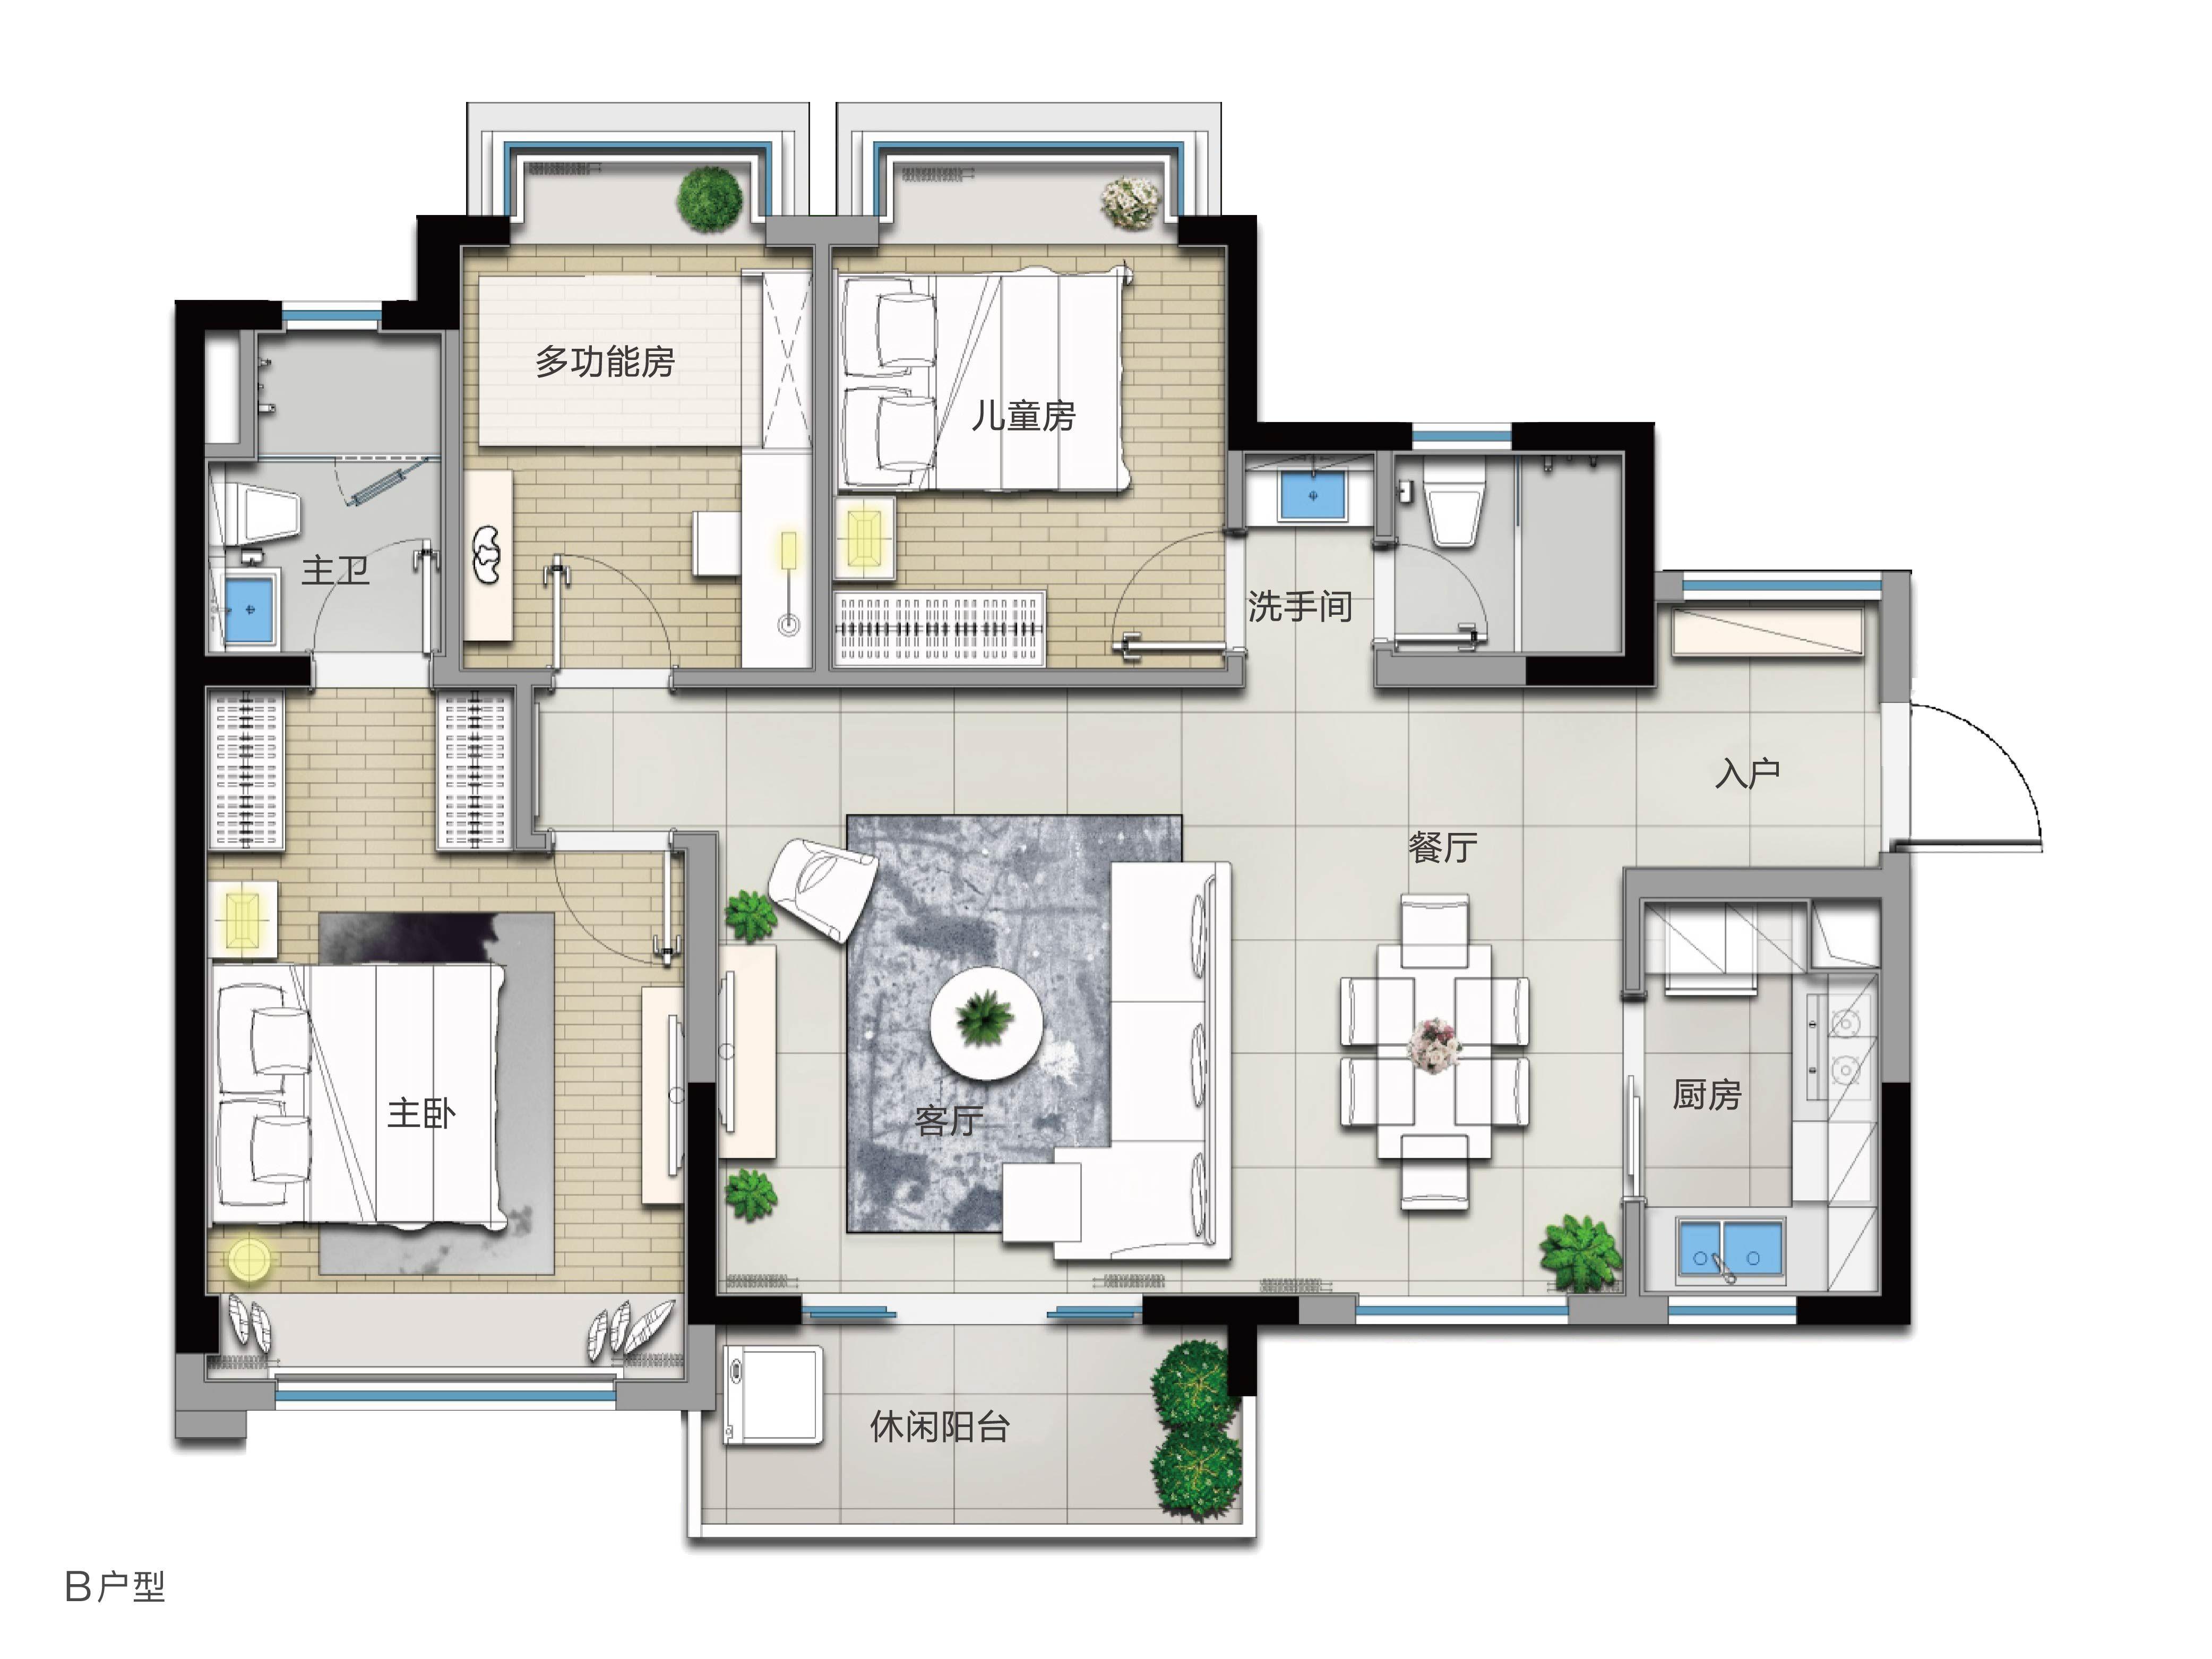 B戶型 3室2廳2衛 建筑面積:104㎡